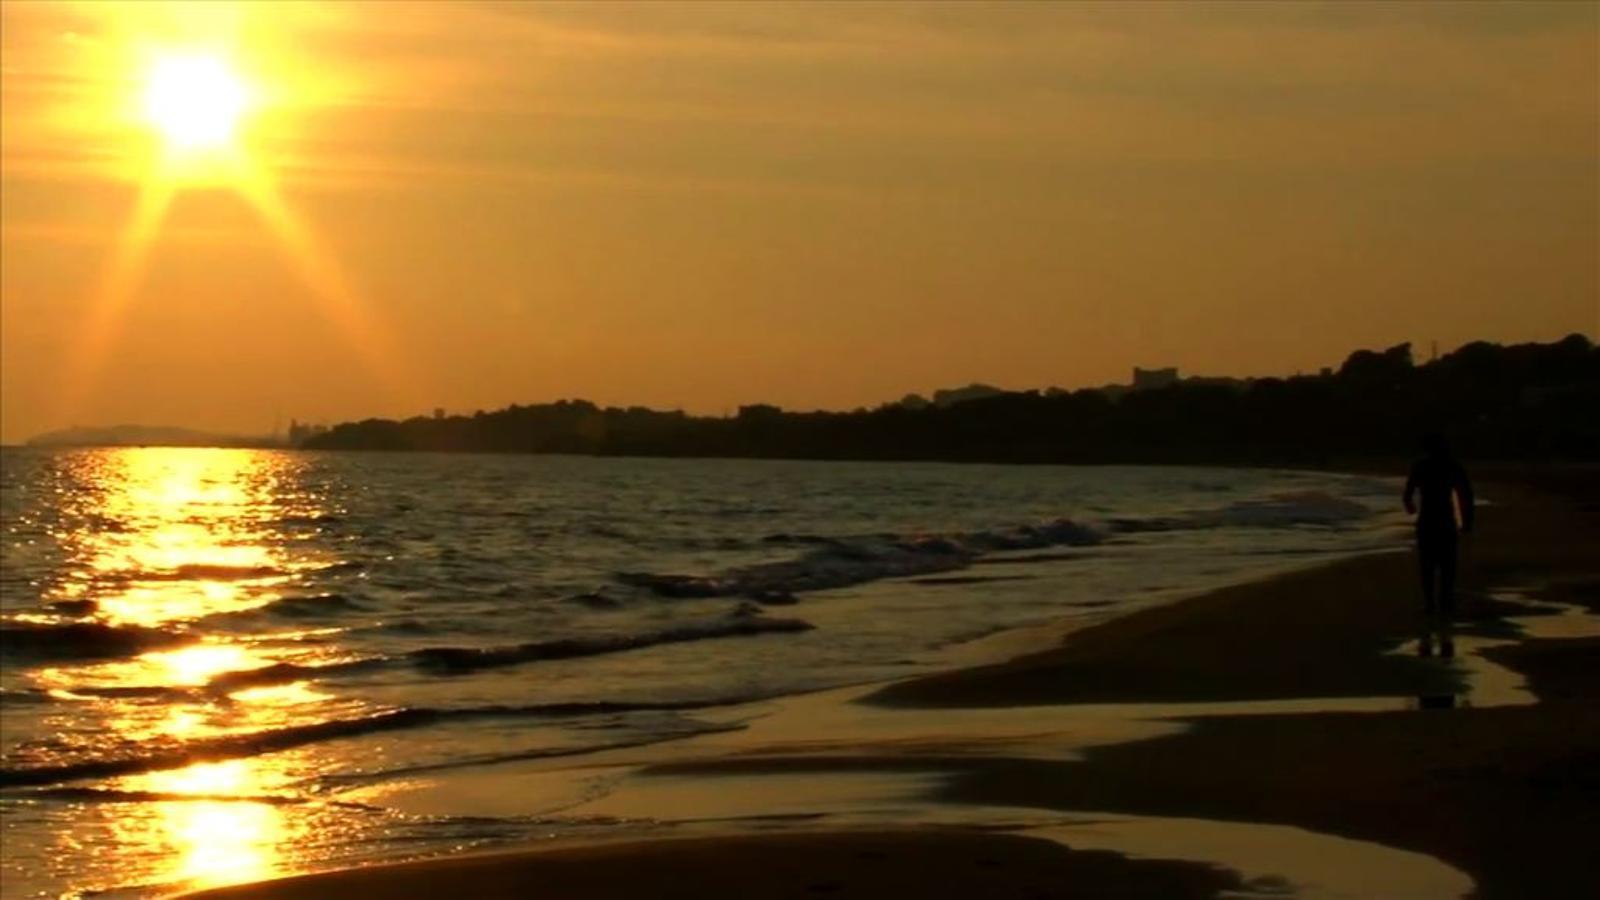 Platges tarragonines, en un vídeo-art